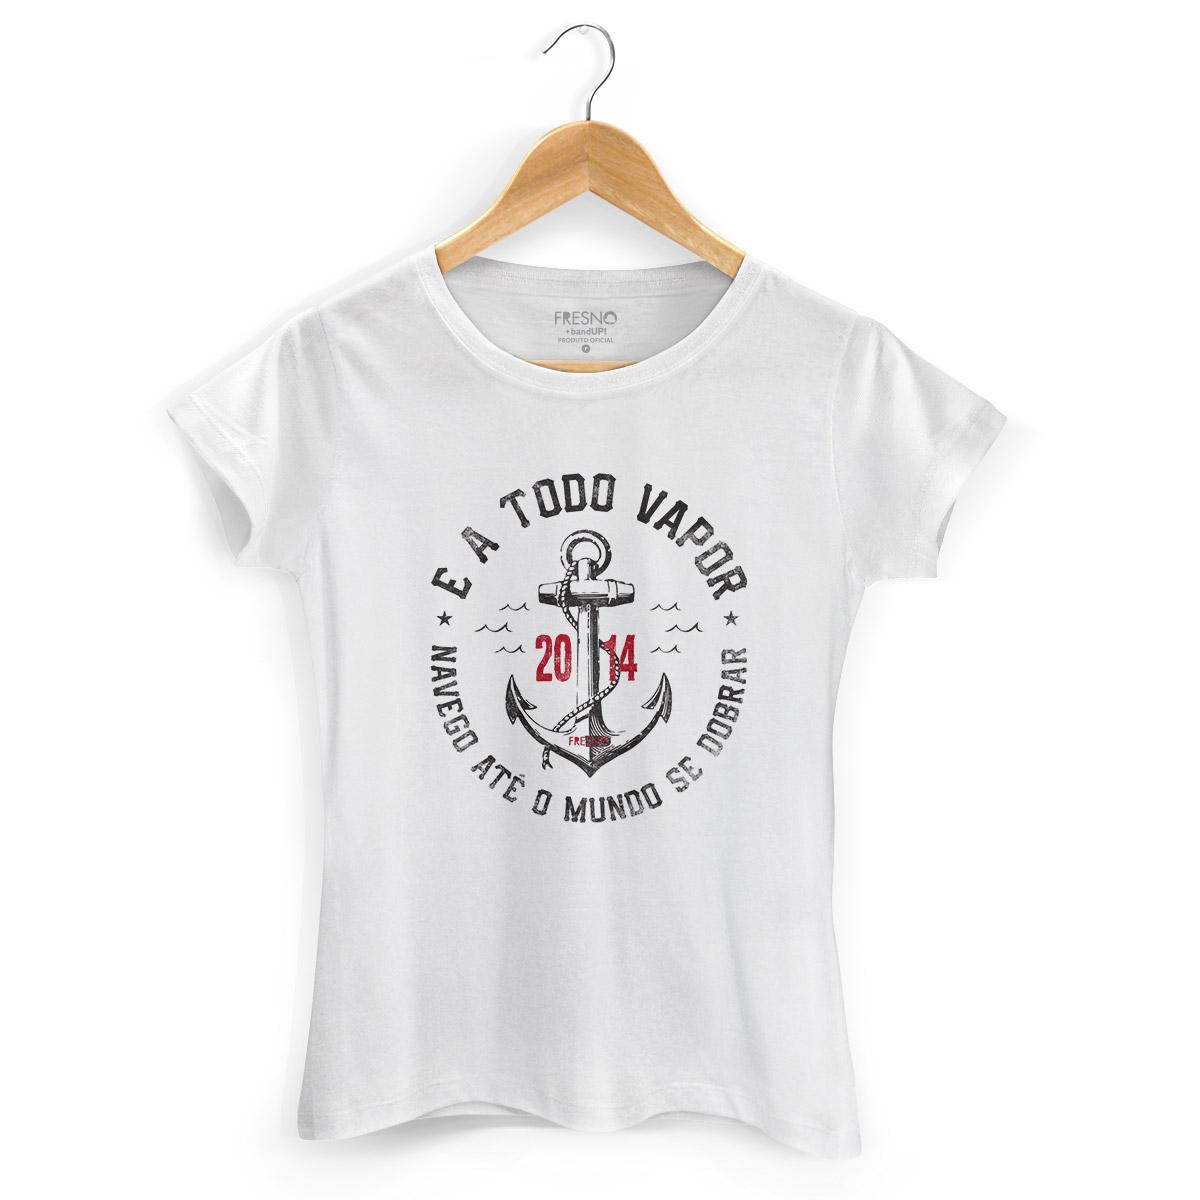 Camiseta Feminina Fresno Farol